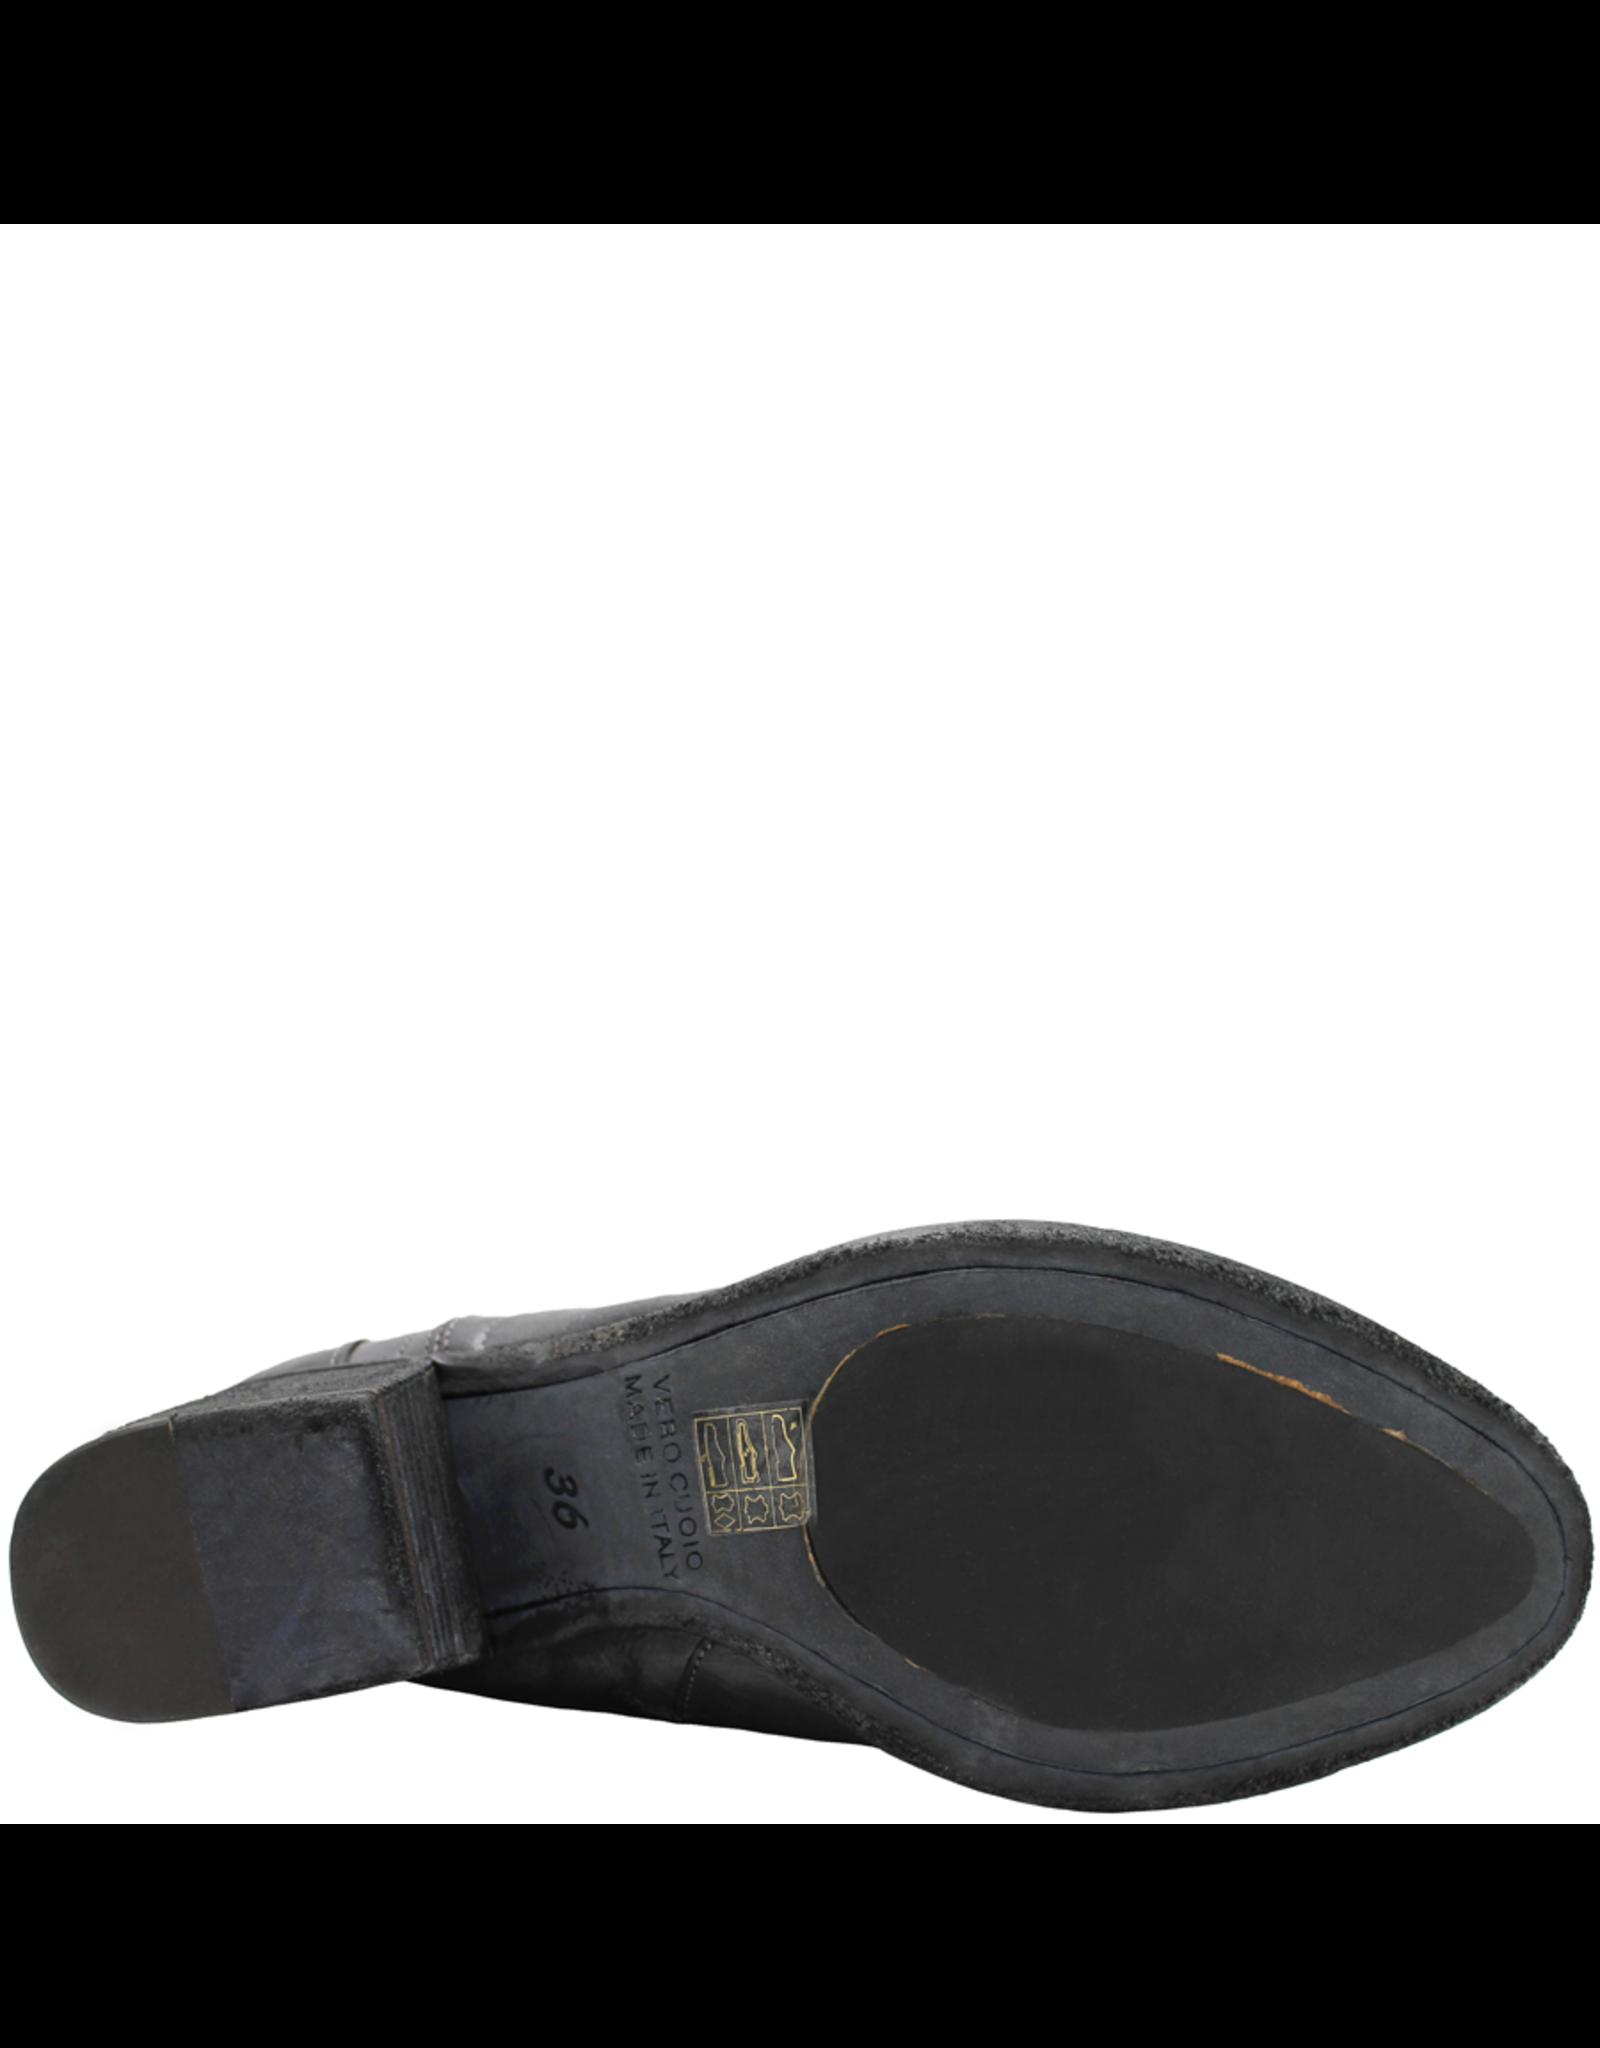 FauzianJeunesse FauzianJeunesse Grey Side Zipper Boot With Back Detail 3618